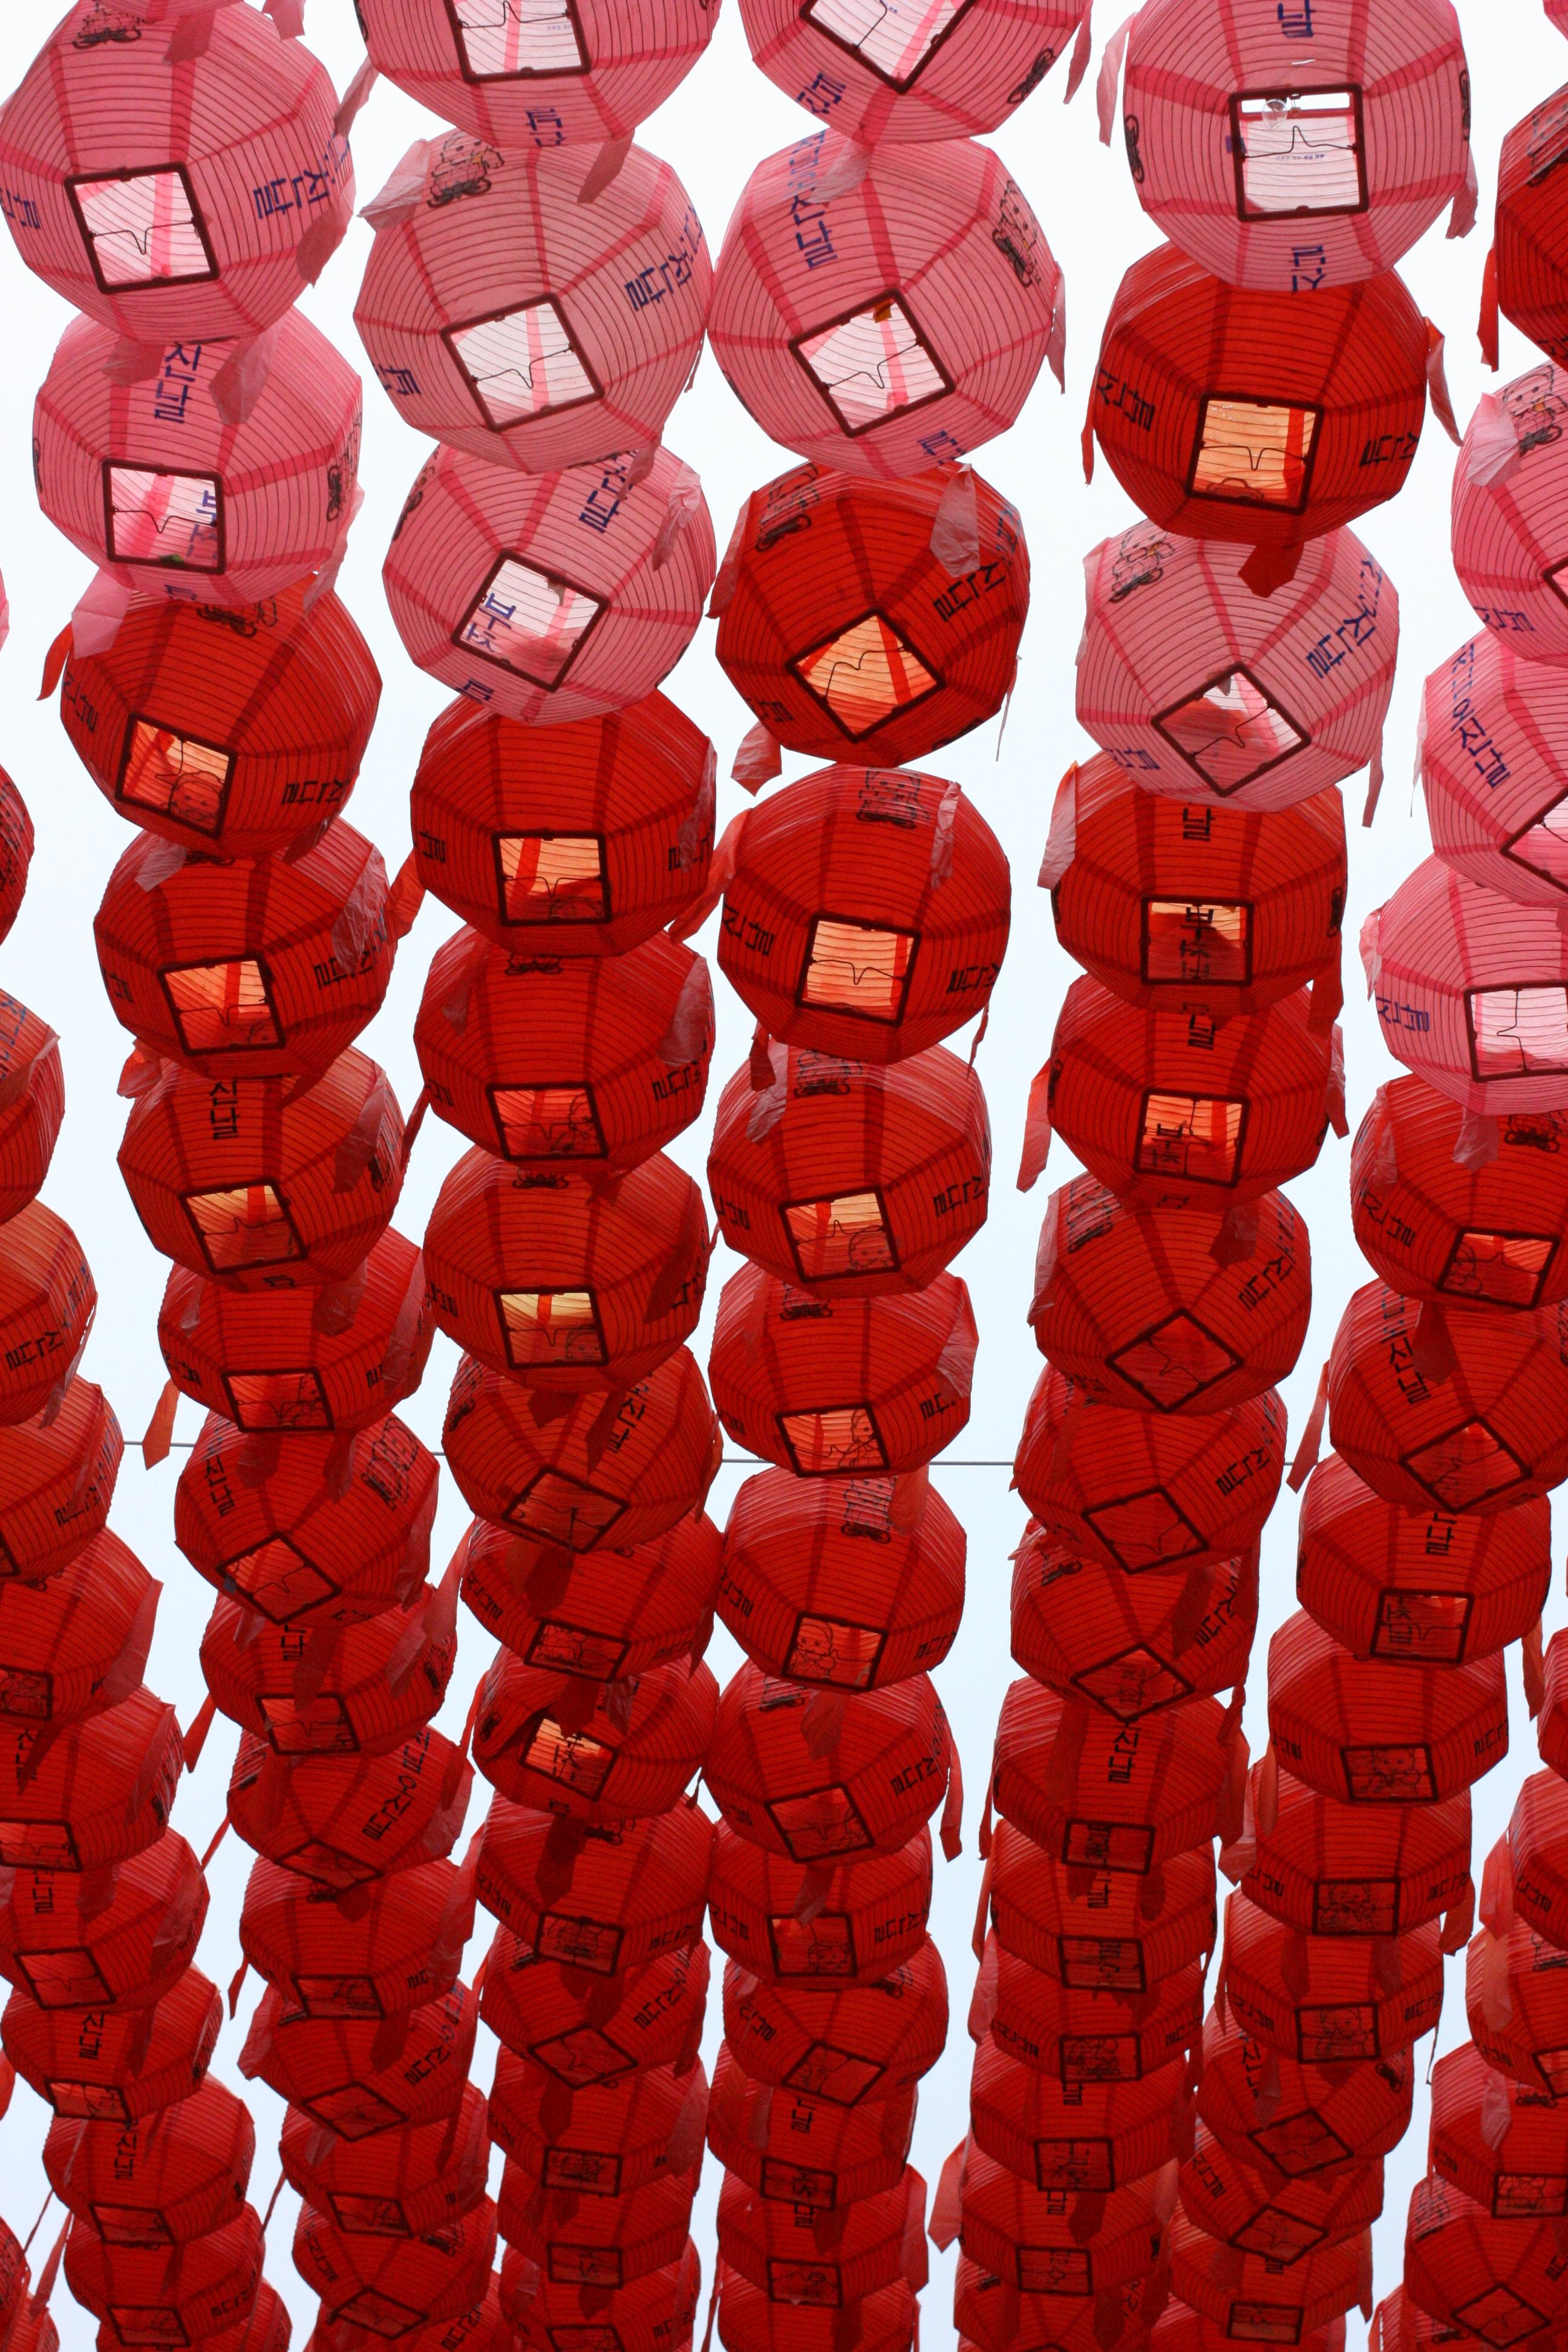 red paper lantern lot during daytime